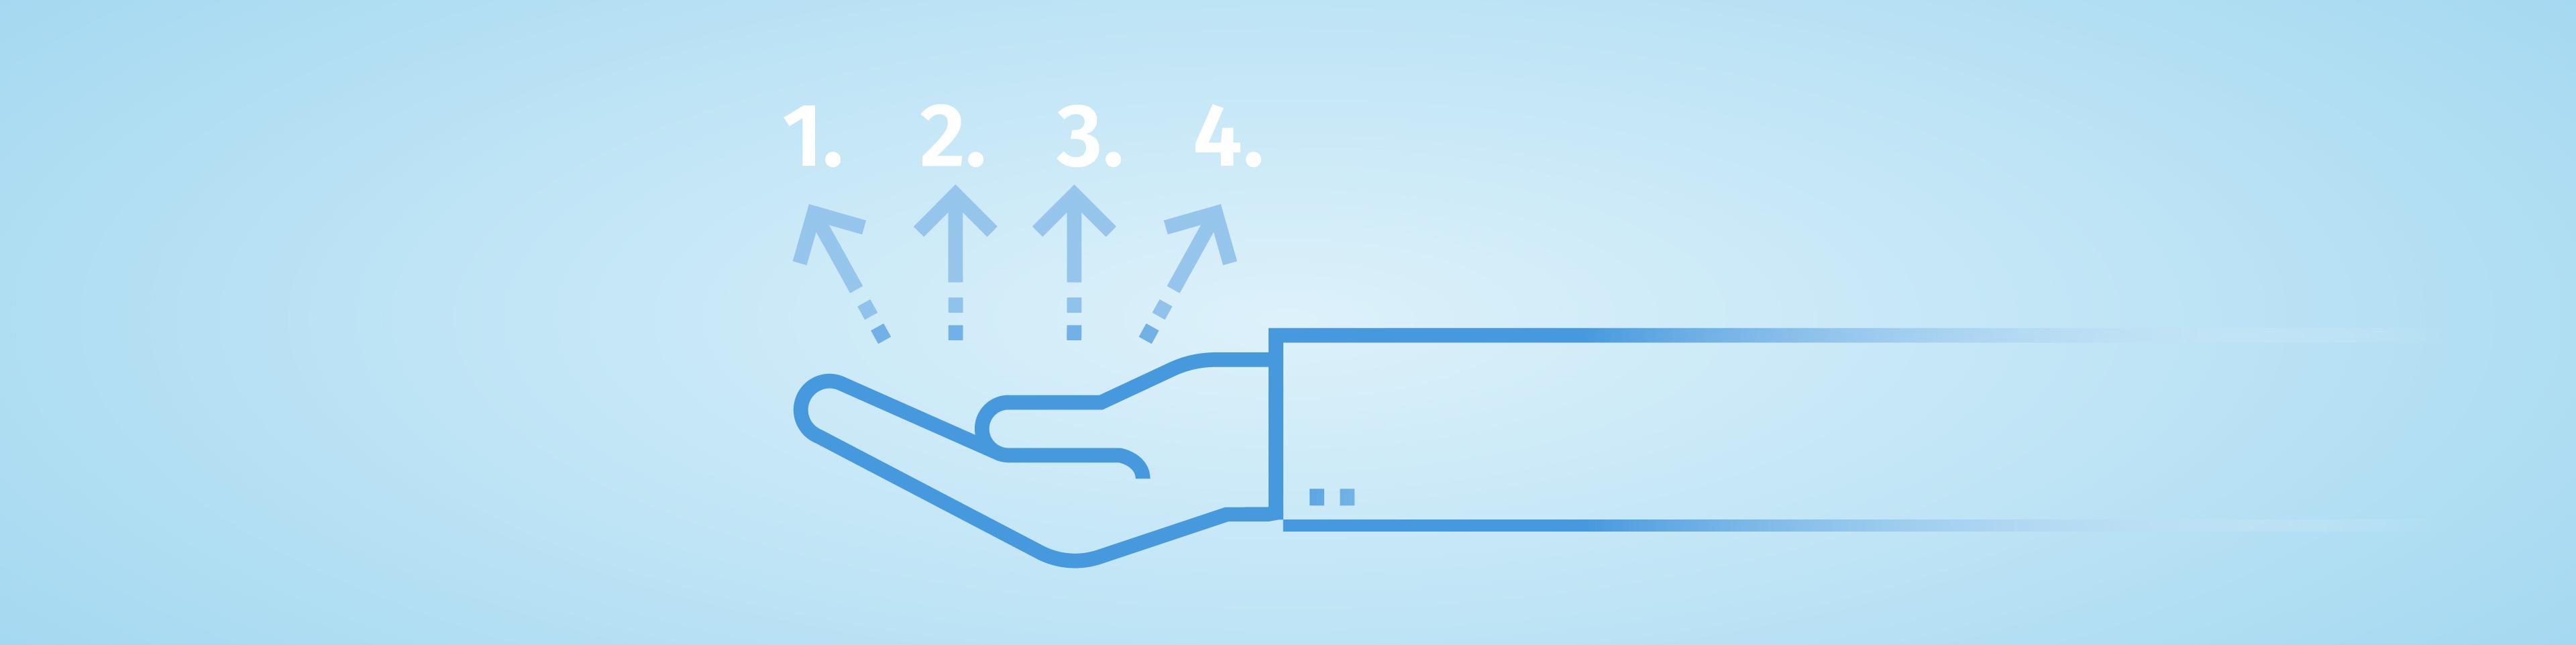 4 anledningar koncernredovisning